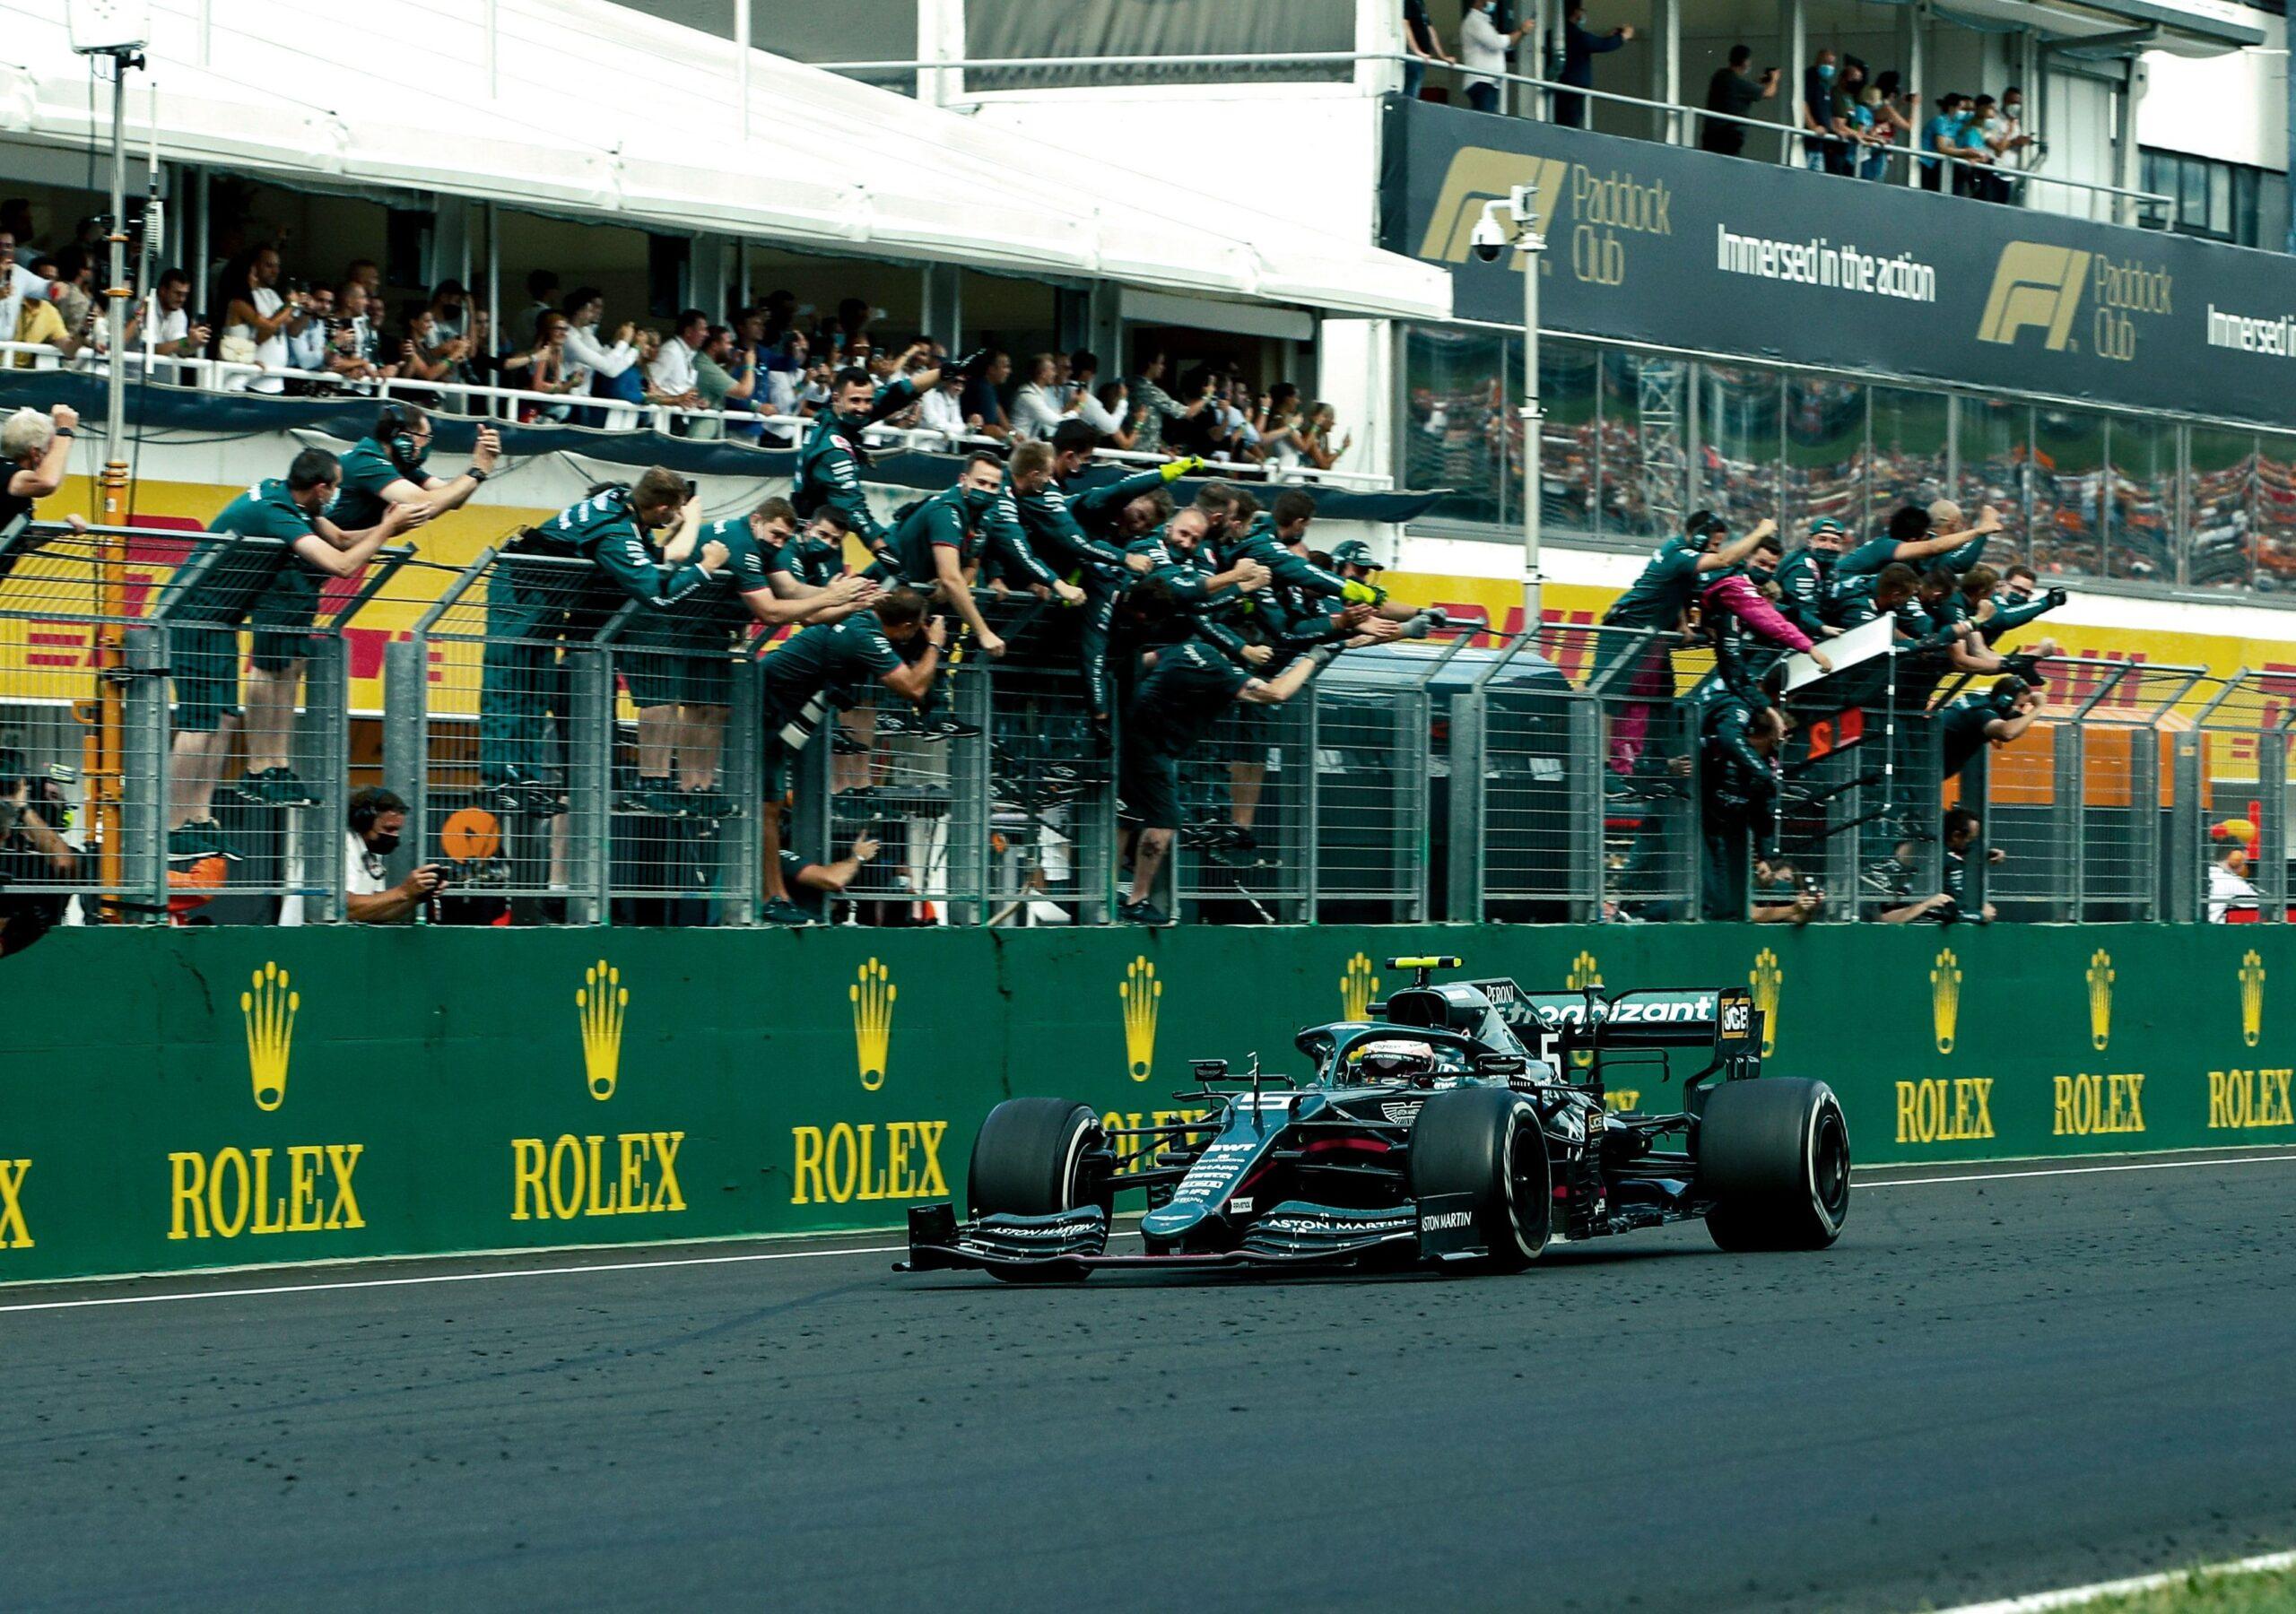 L'Aston Martin inizia il ricorso contro la squalifica di Vettel al GP d'Ungheria.